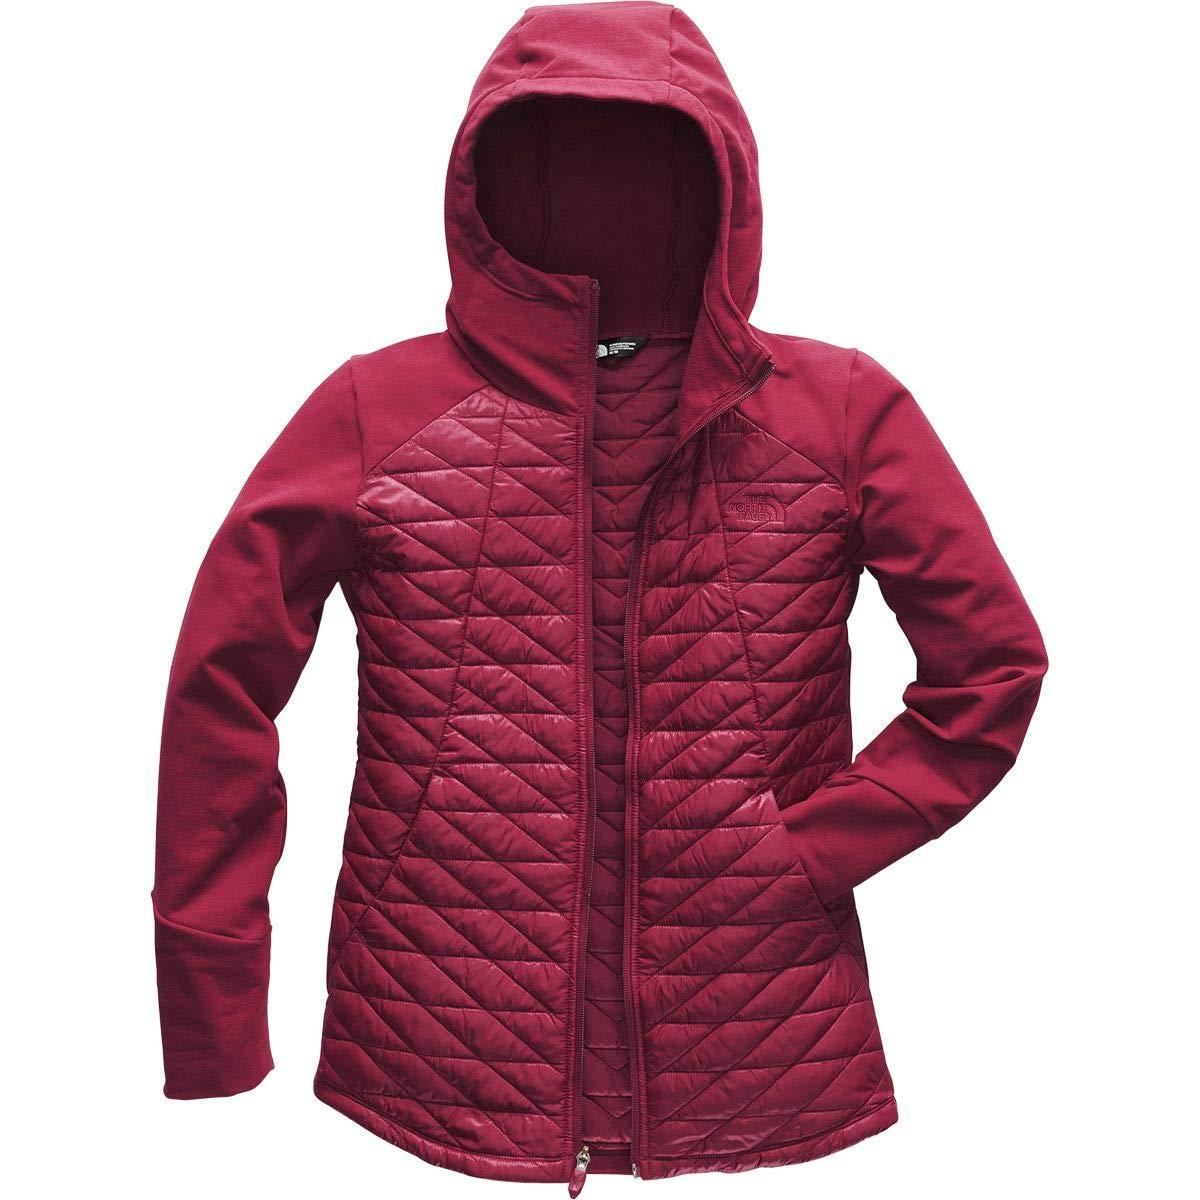 (ザノースフェイス) The North Face Motivation Thermoball Jacket レディース ジャケットRumba Red [並行輸入品]   B07H5C8T8J